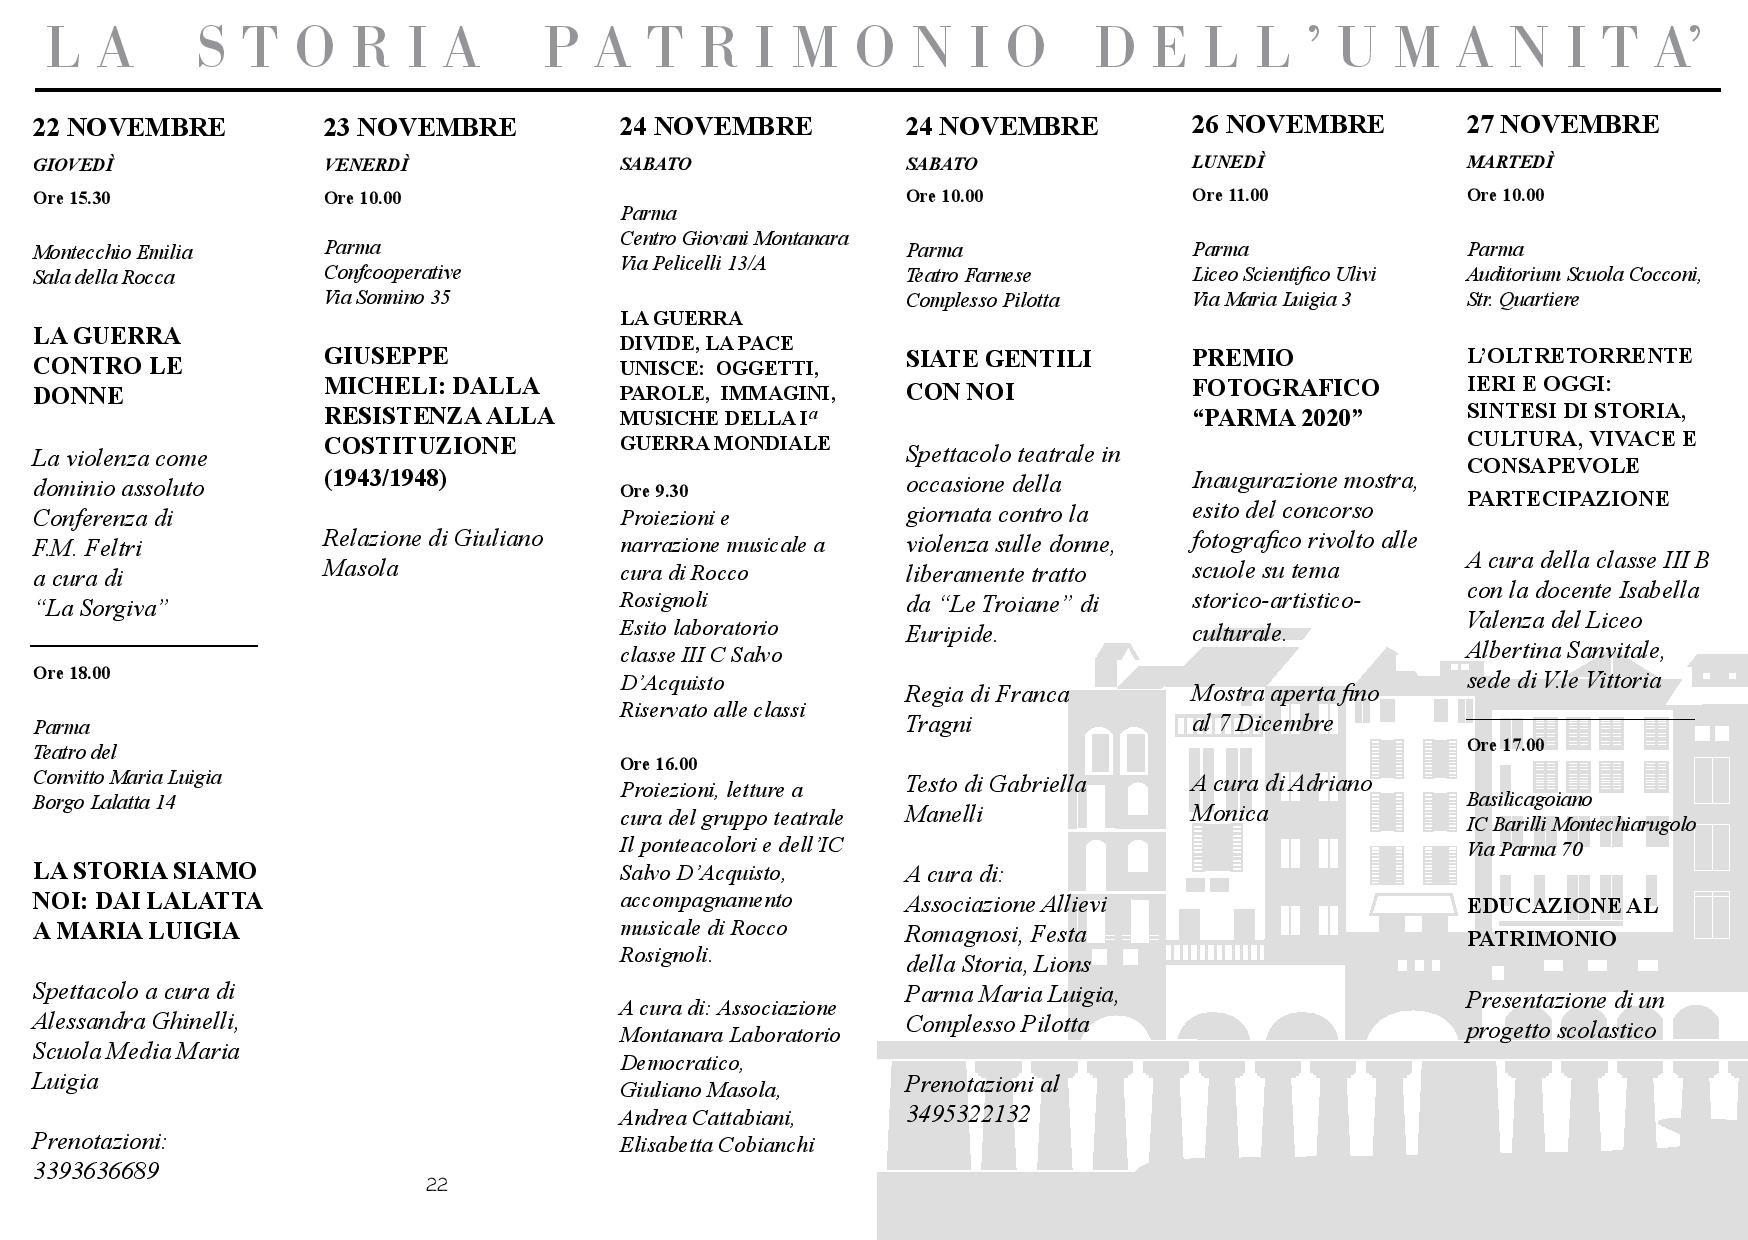 Festa Internazionale della Storia-Parma: programma dal 22 al 27 novembre